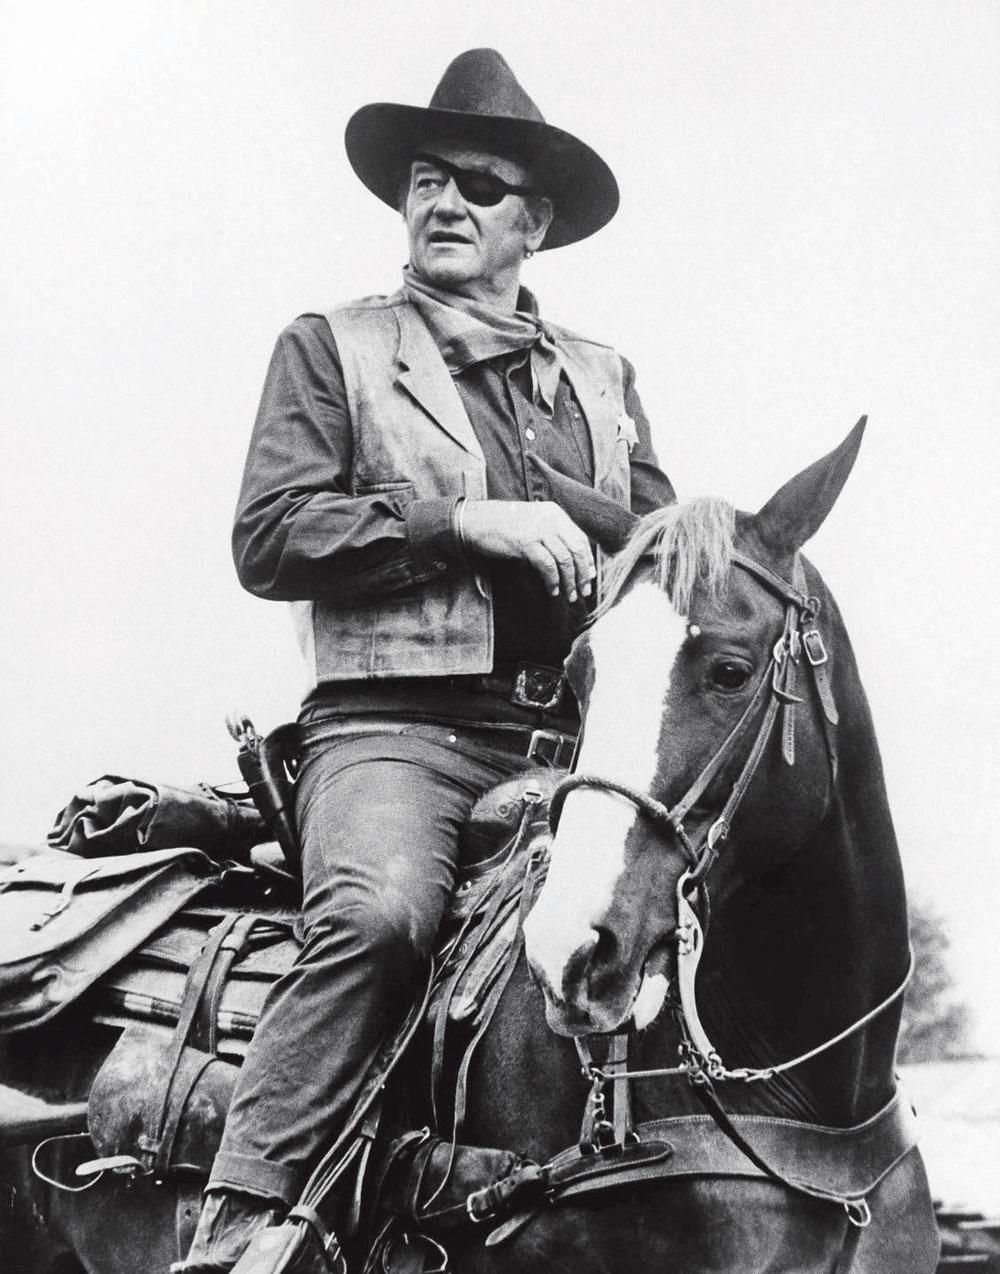 John Wayne - Photos